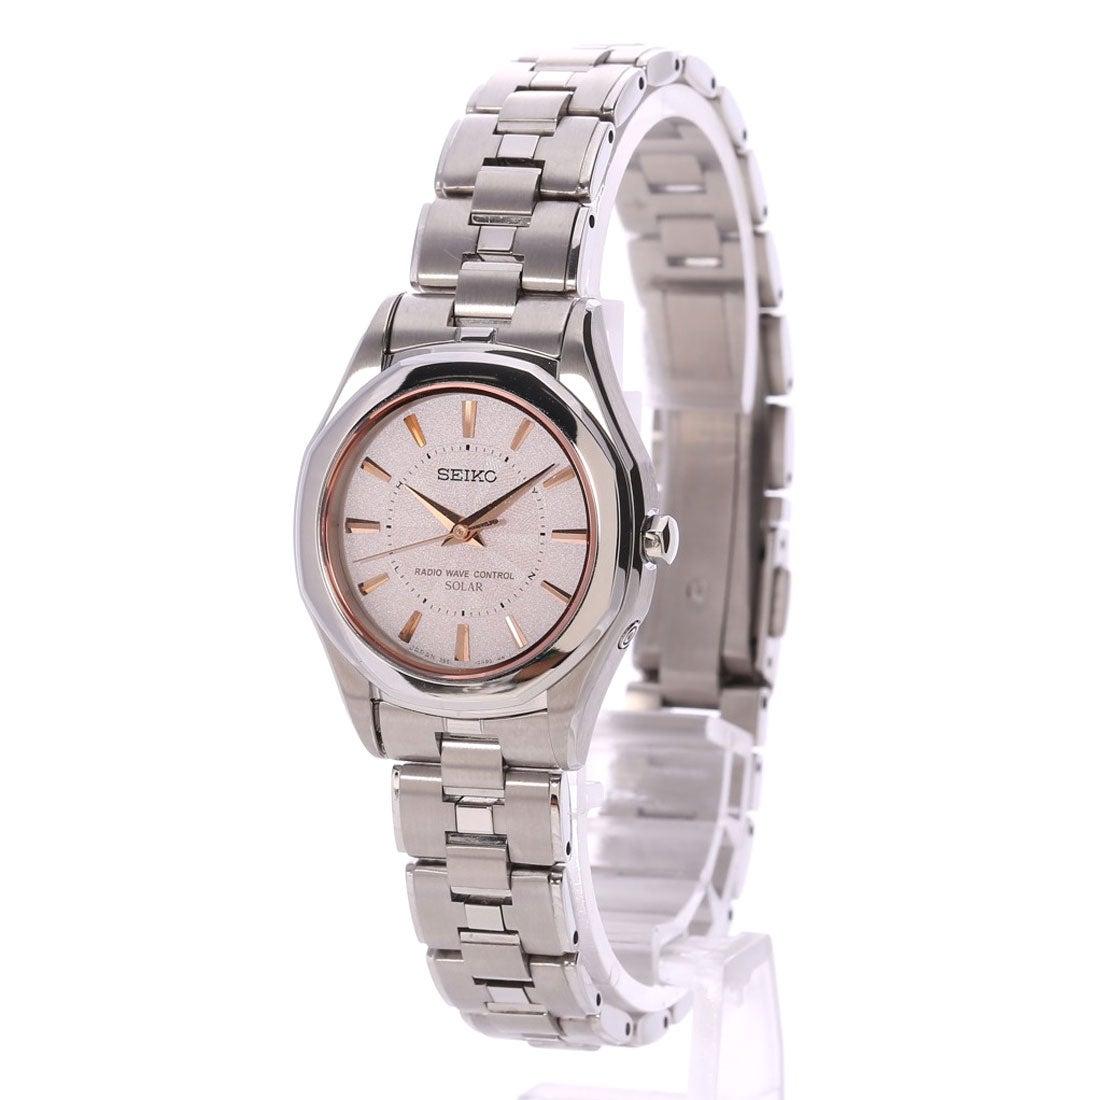 SEIKOエクセリーヌユニセックス腕時計